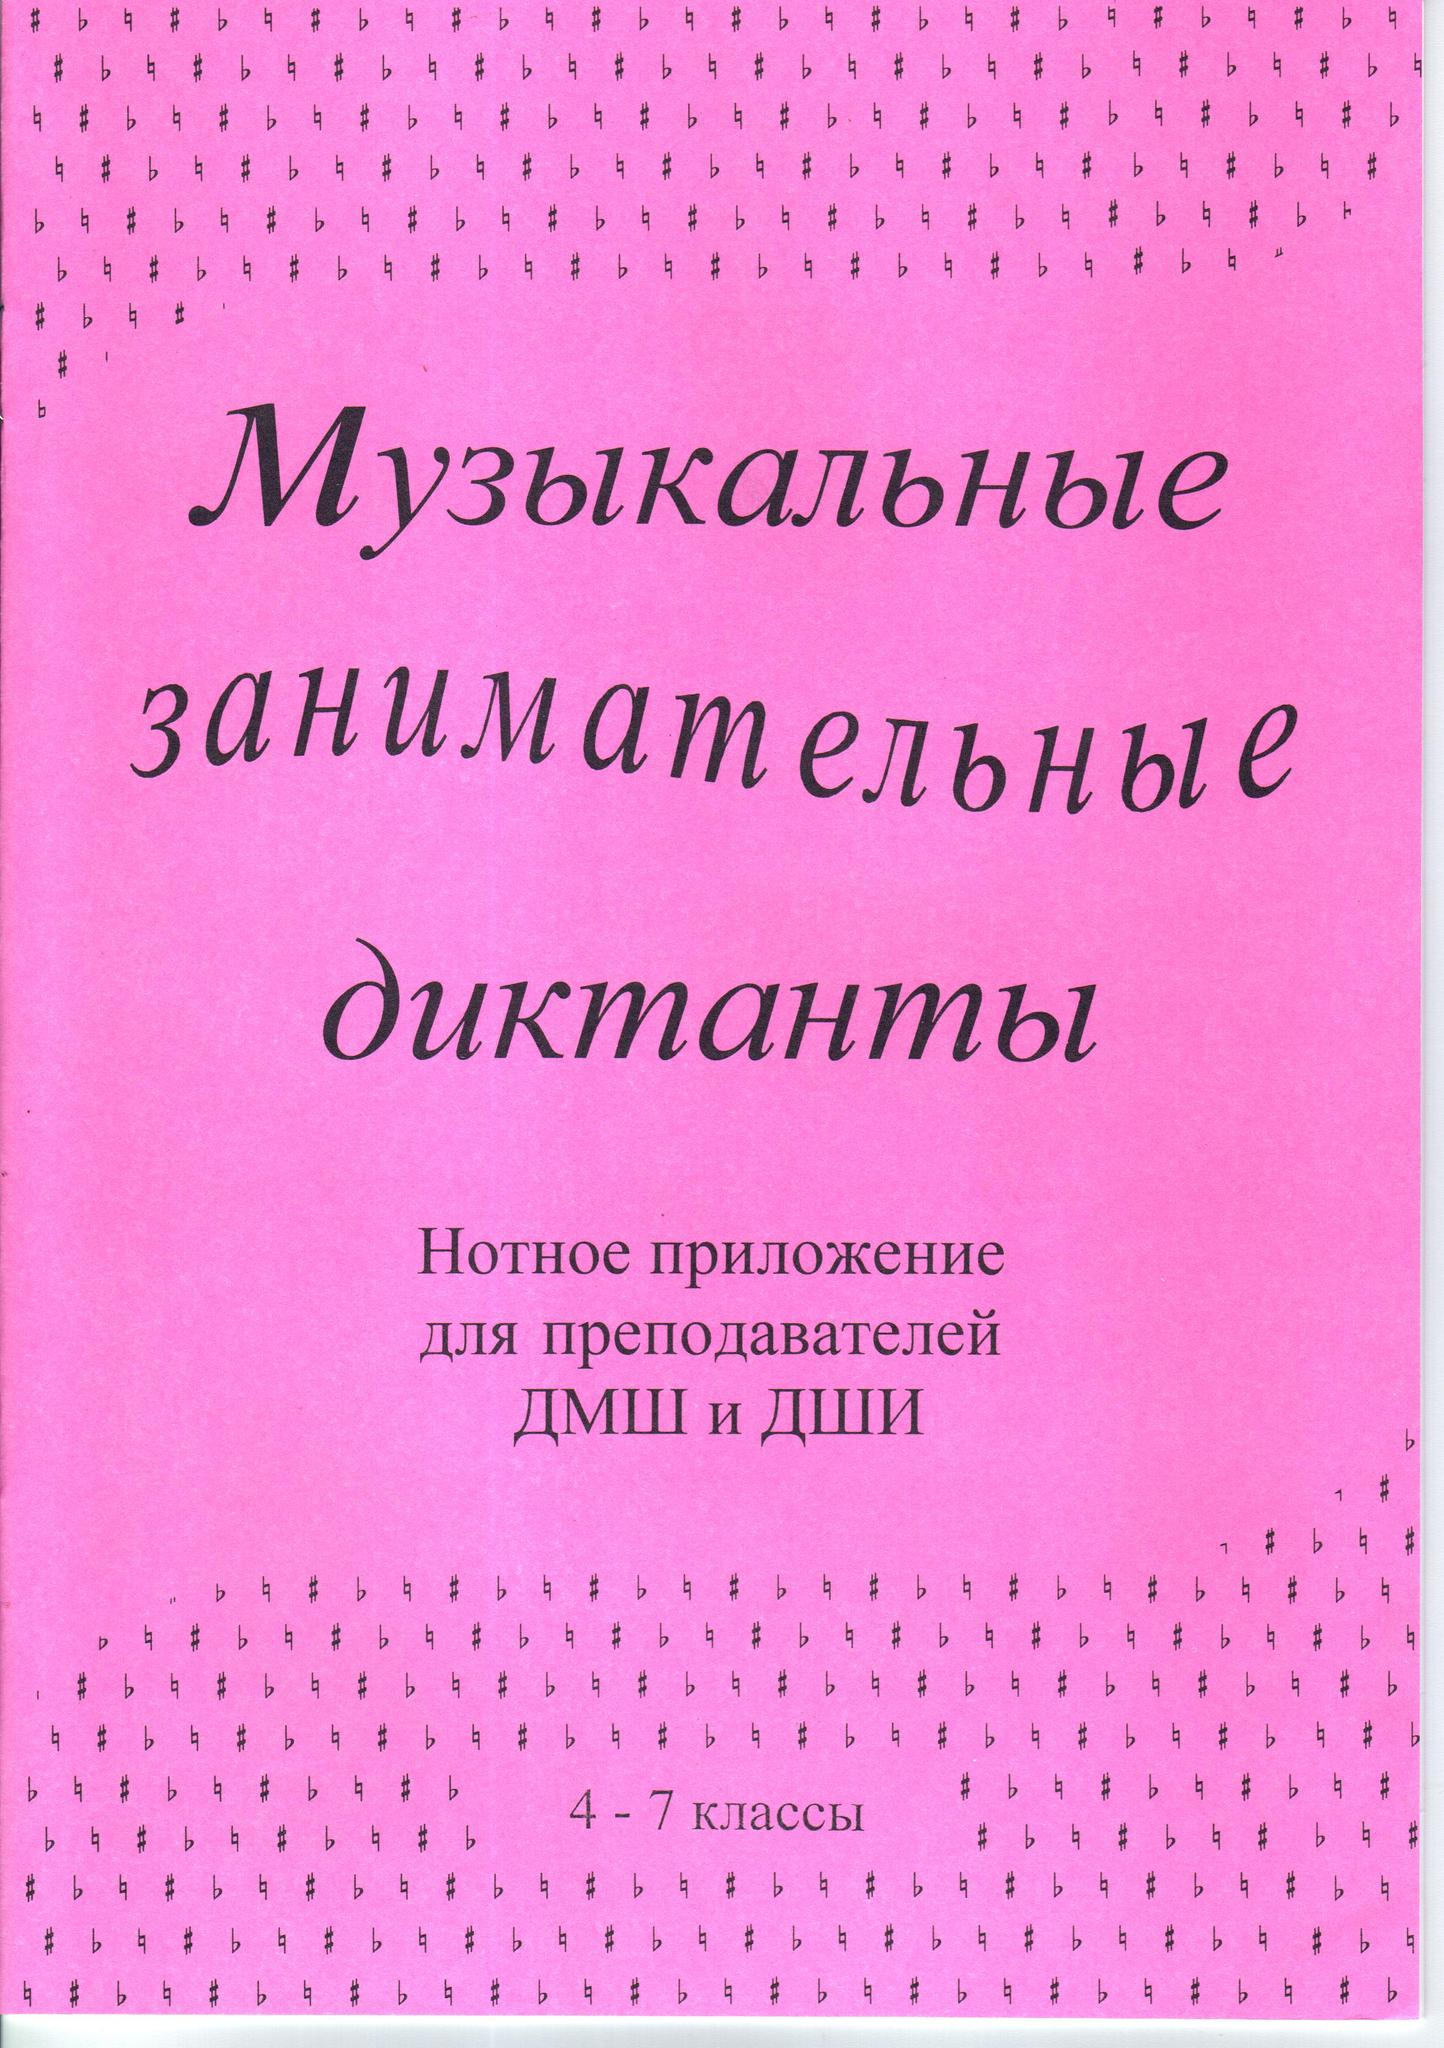 Г. Ф. Калинина. Нотное приложение к сборнику Музыкальные занимательные диктанты для учащихся 4 -7 кл